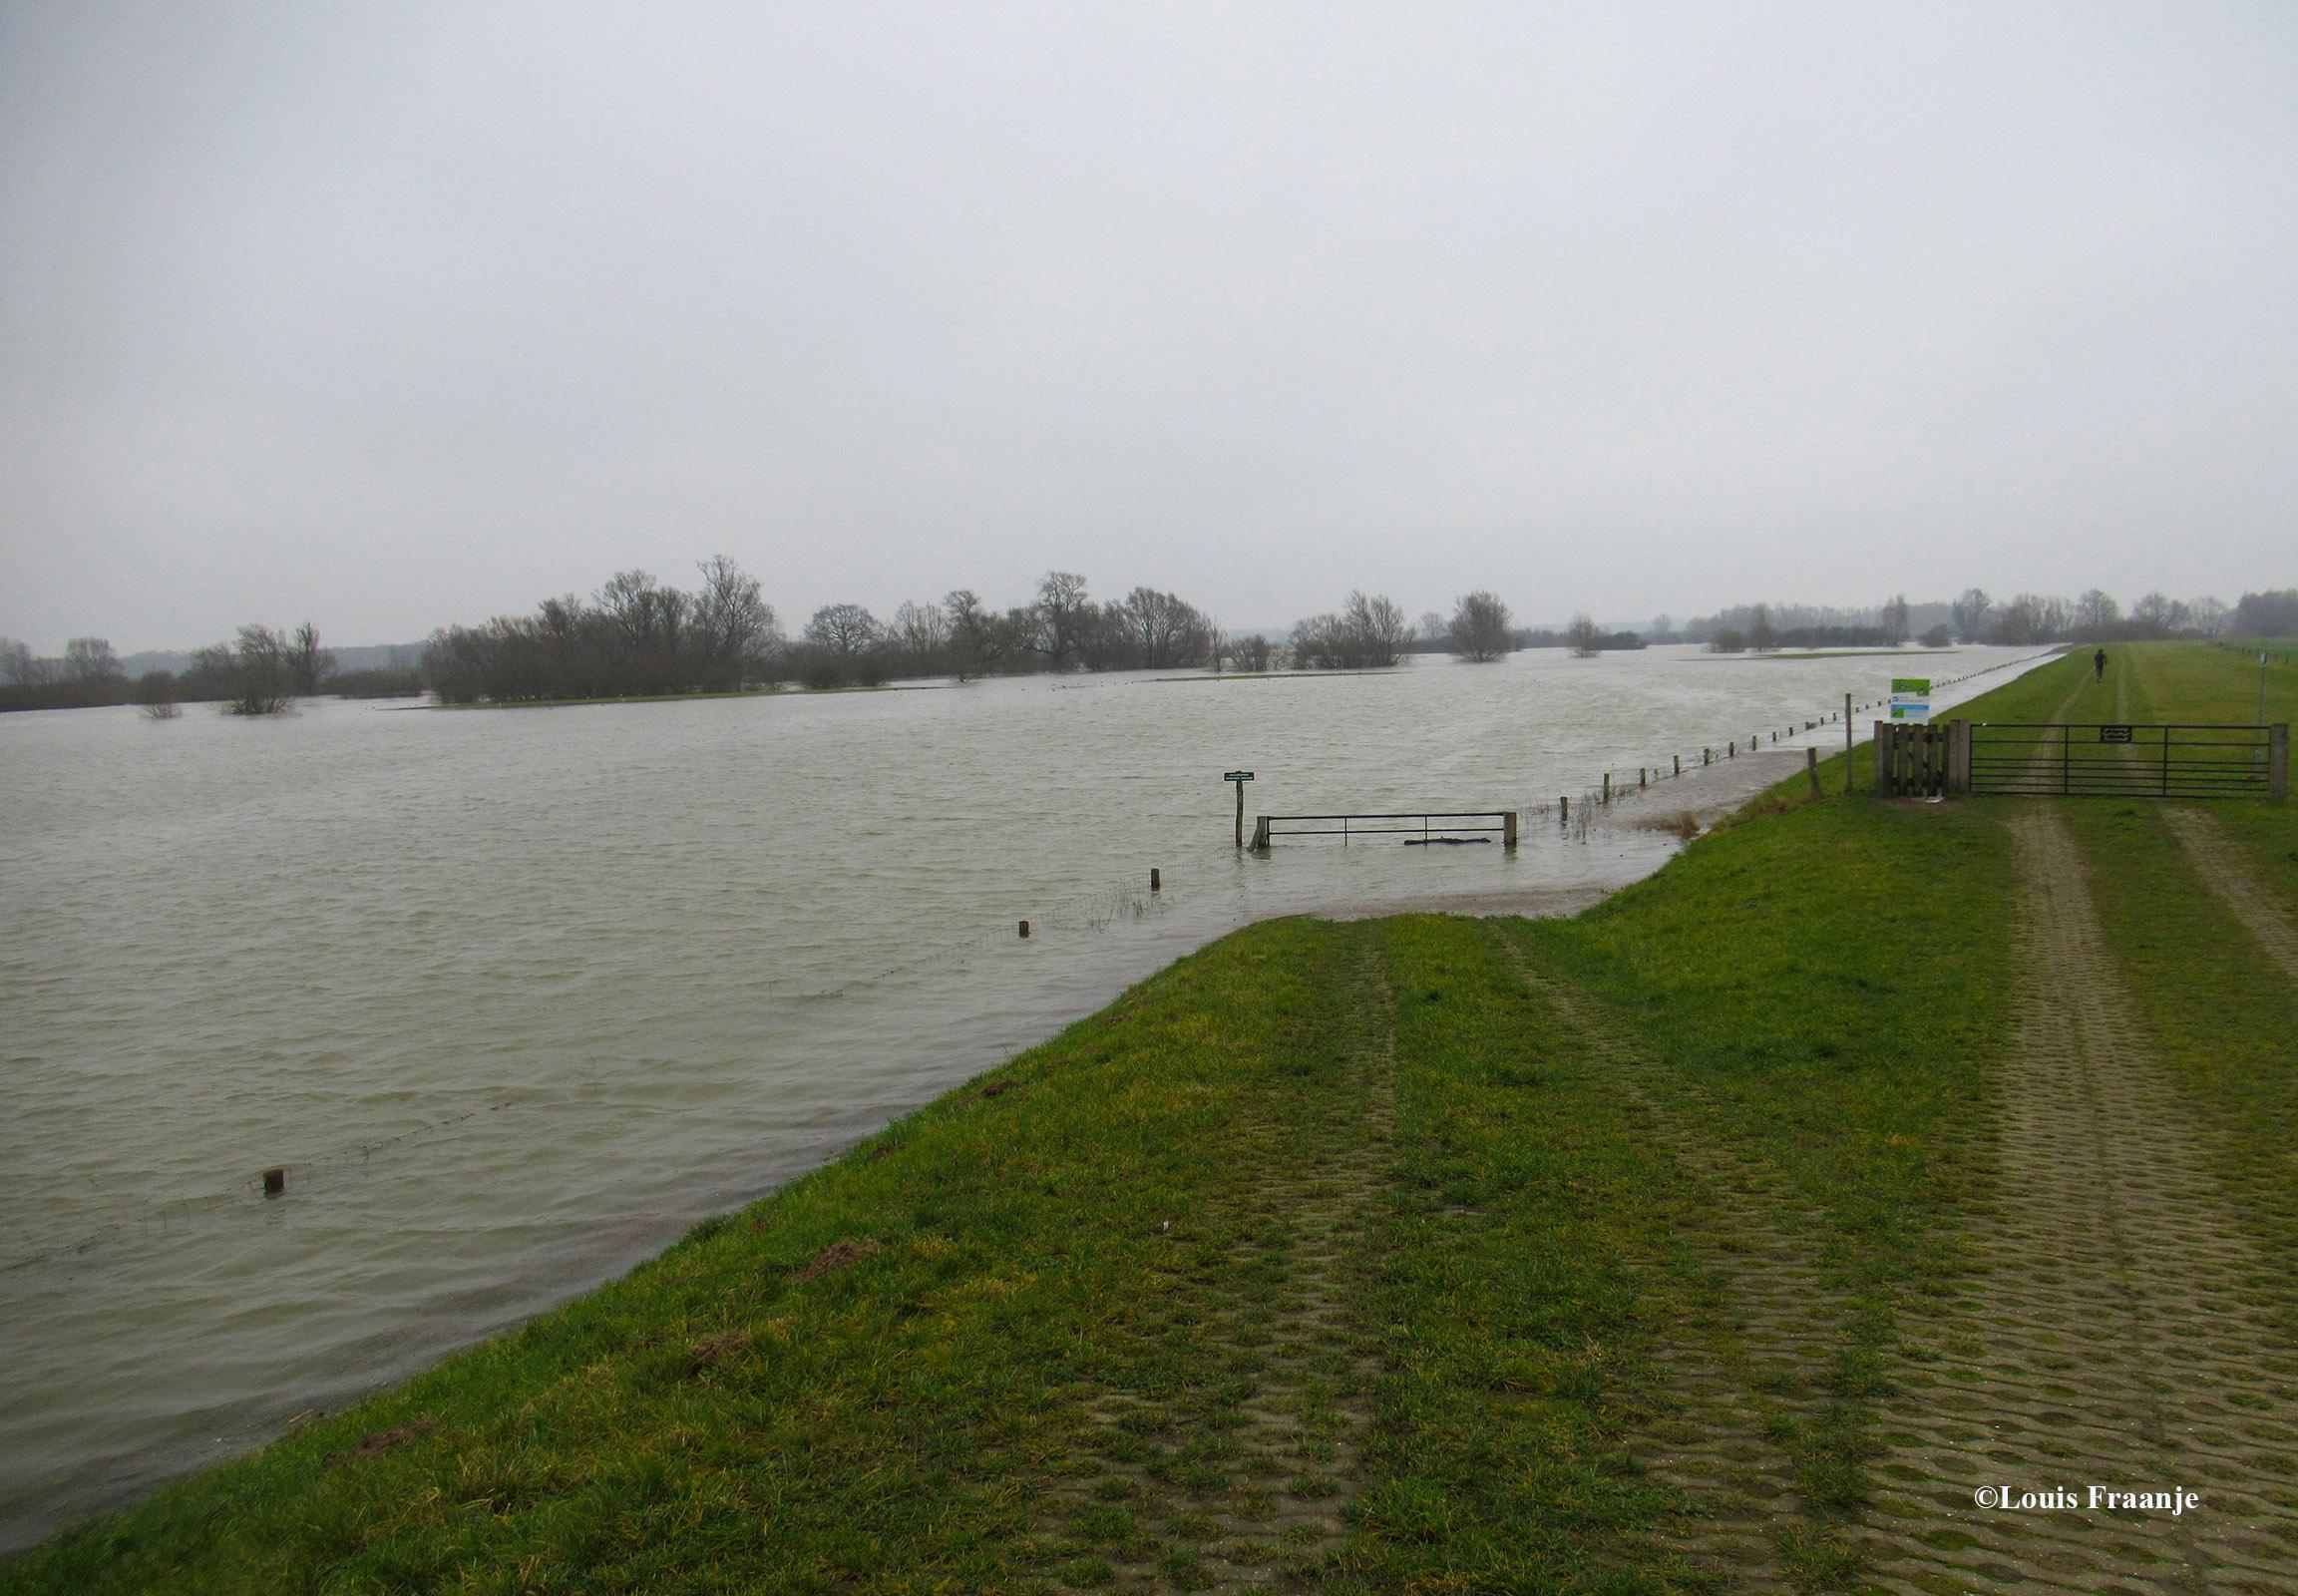 Het lage land staat volledig onder water - Foto: ©Louis Fraanje